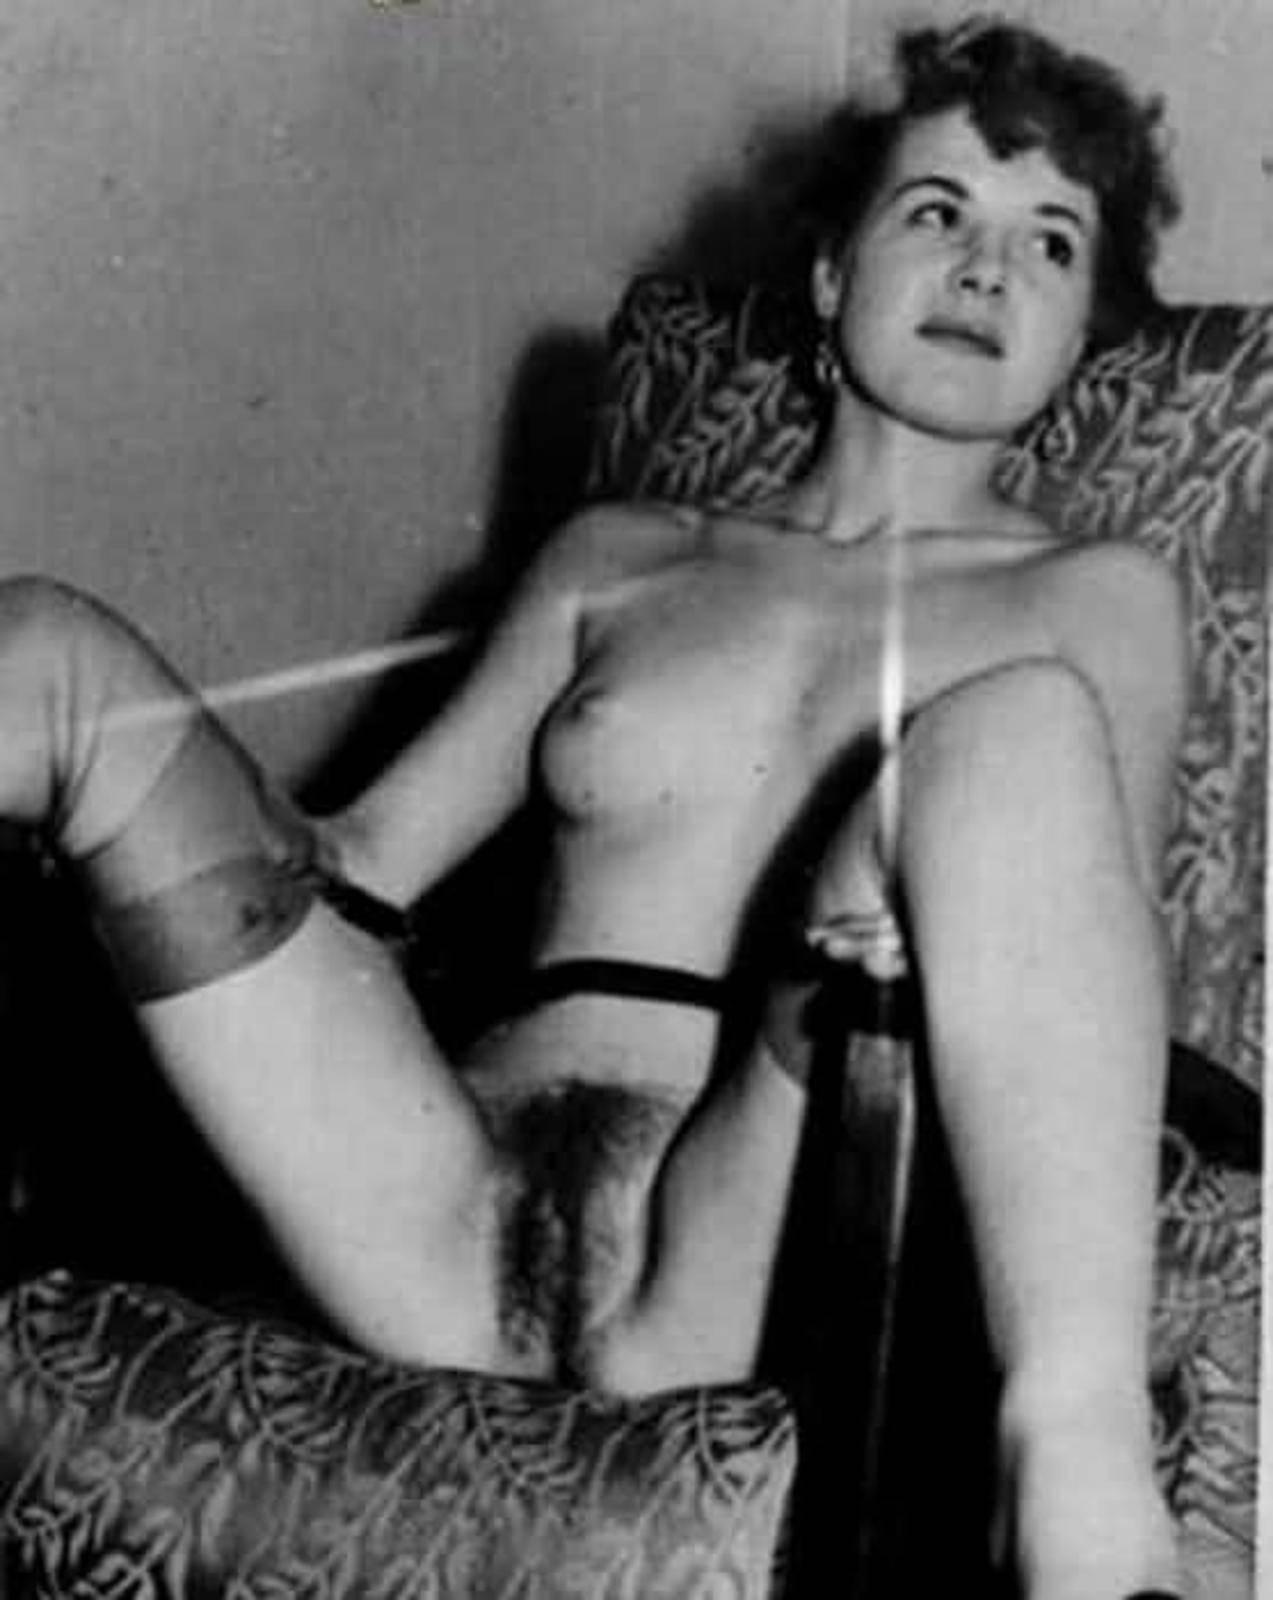 porno vintage español teatro pprno